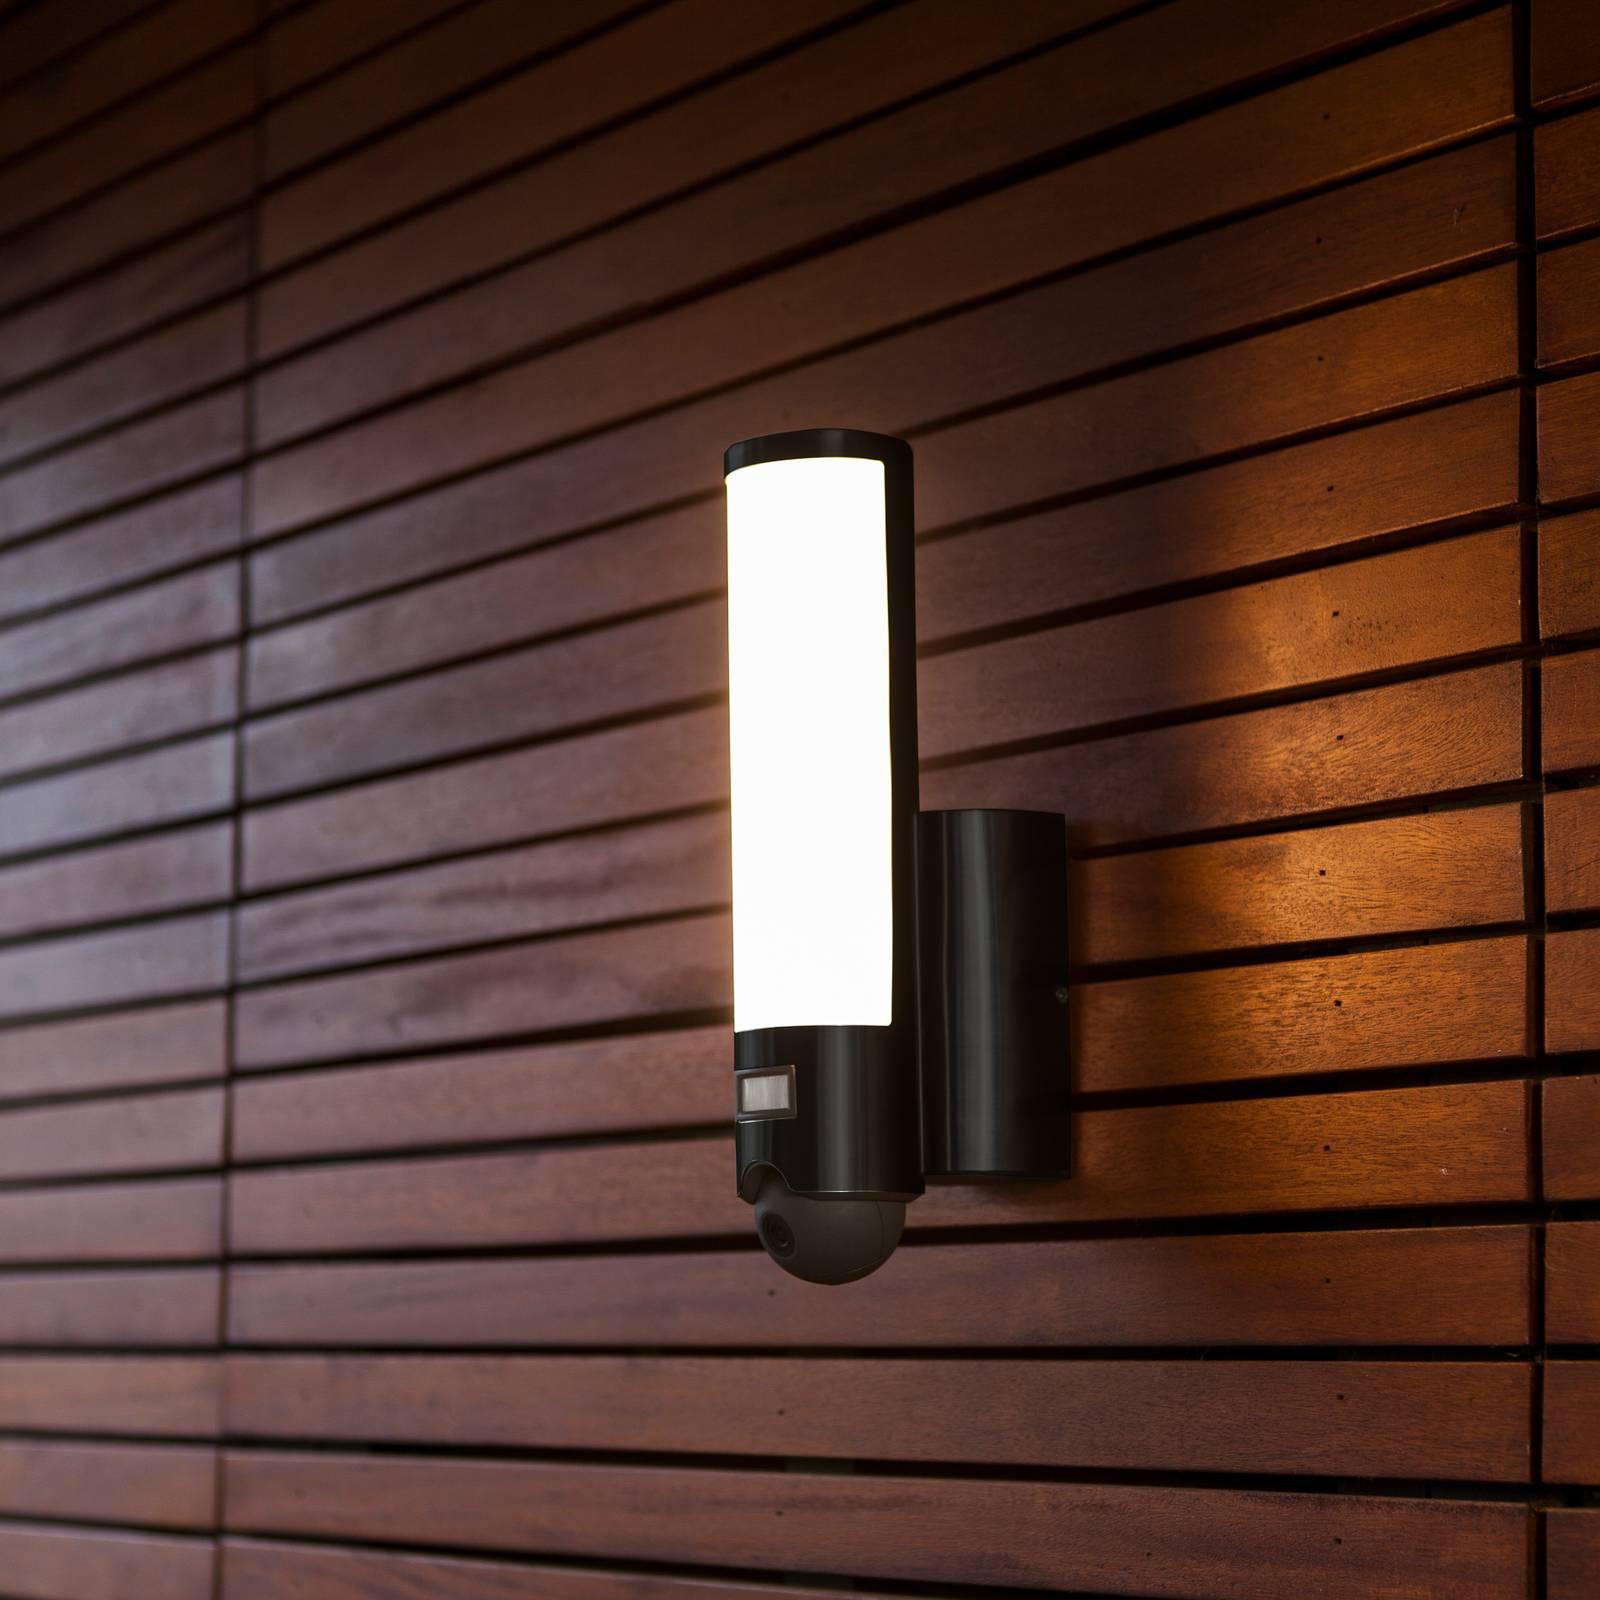 Secury'Light Elara LED-ulkoseinälamppu Kamera+BWM